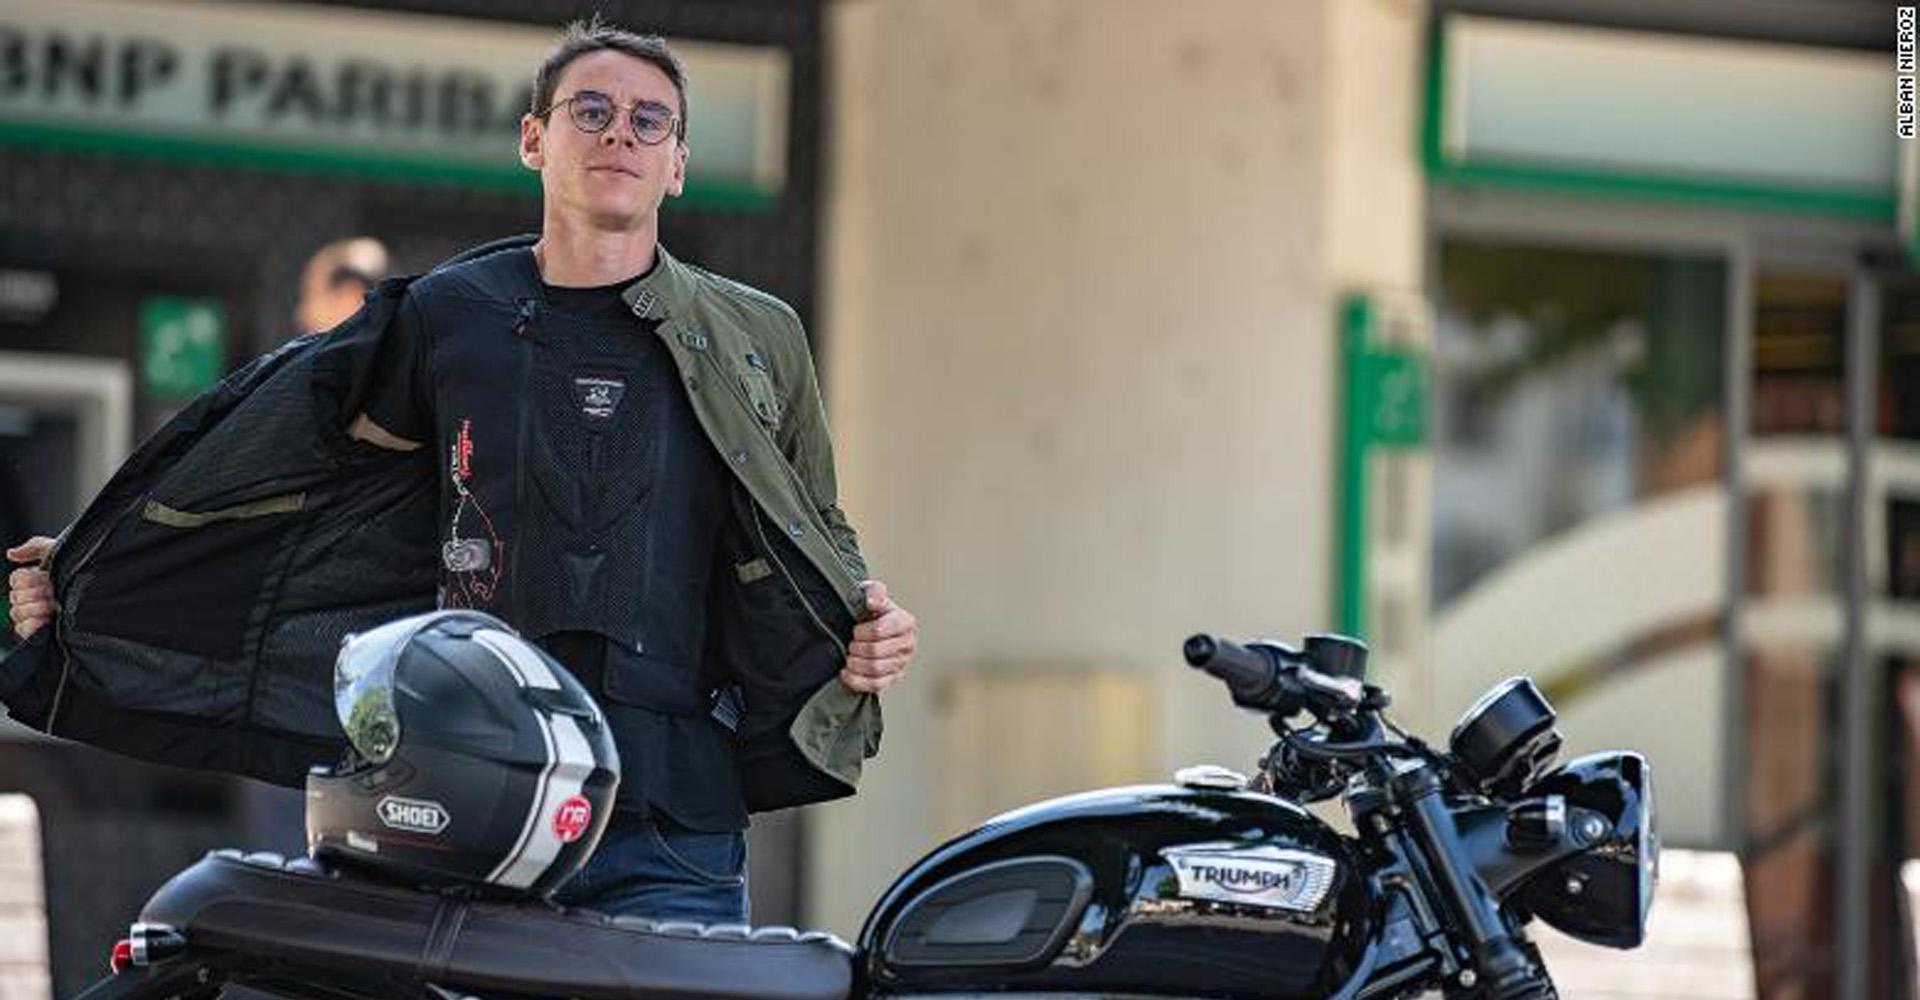 Motorradfahrer mit einer Schutzweste